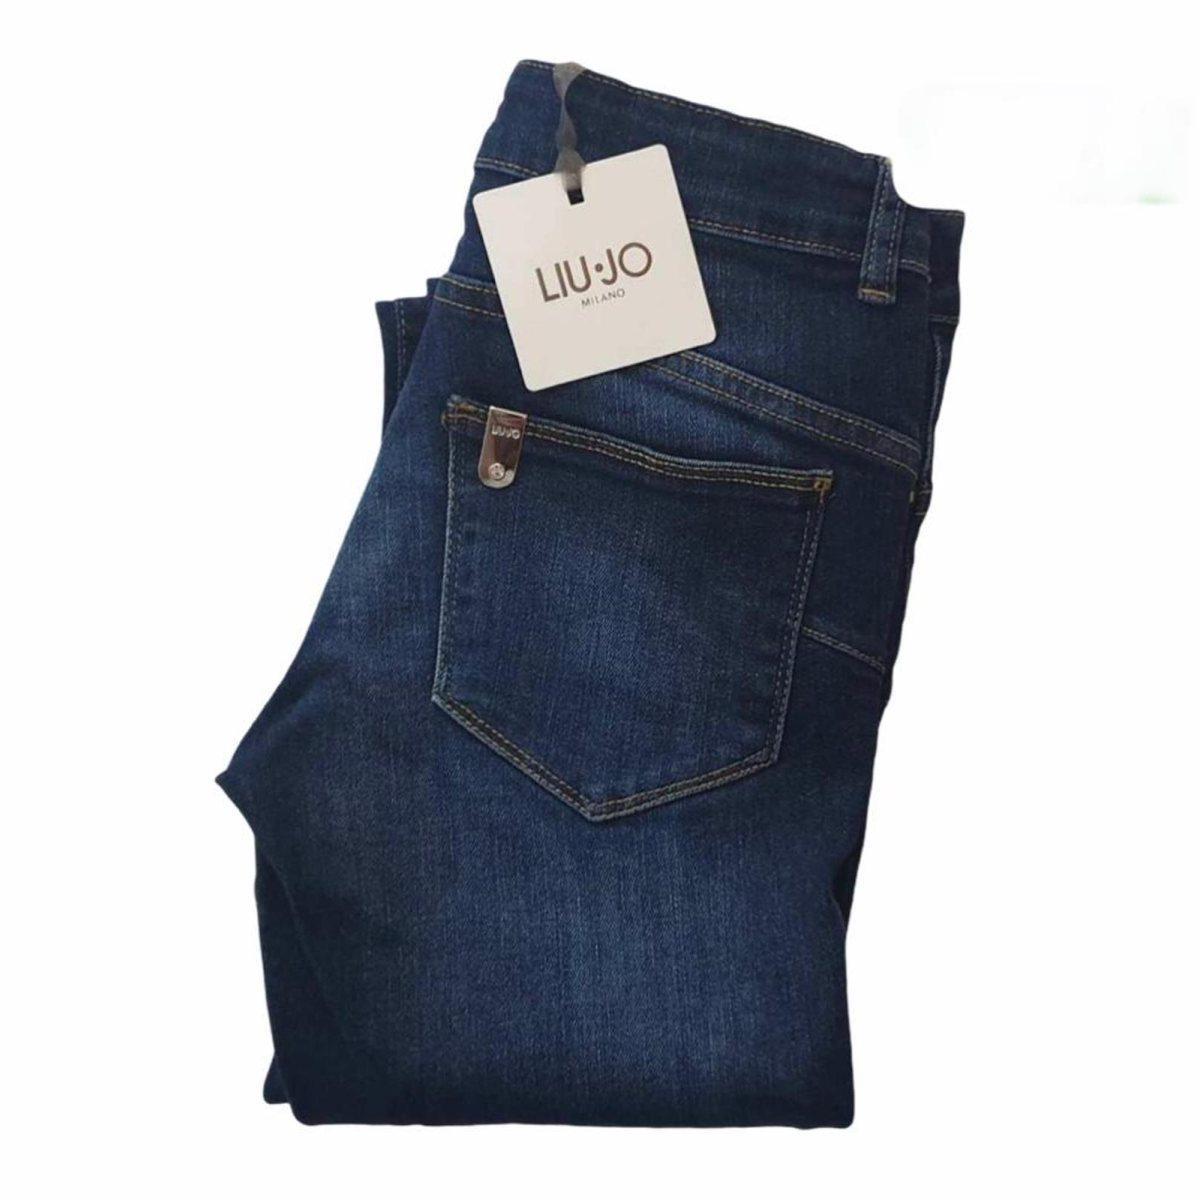 online store a873c c31f2 Liu jo Jeans ragazza liu jo g69043-d3246 1109314 1907290000767